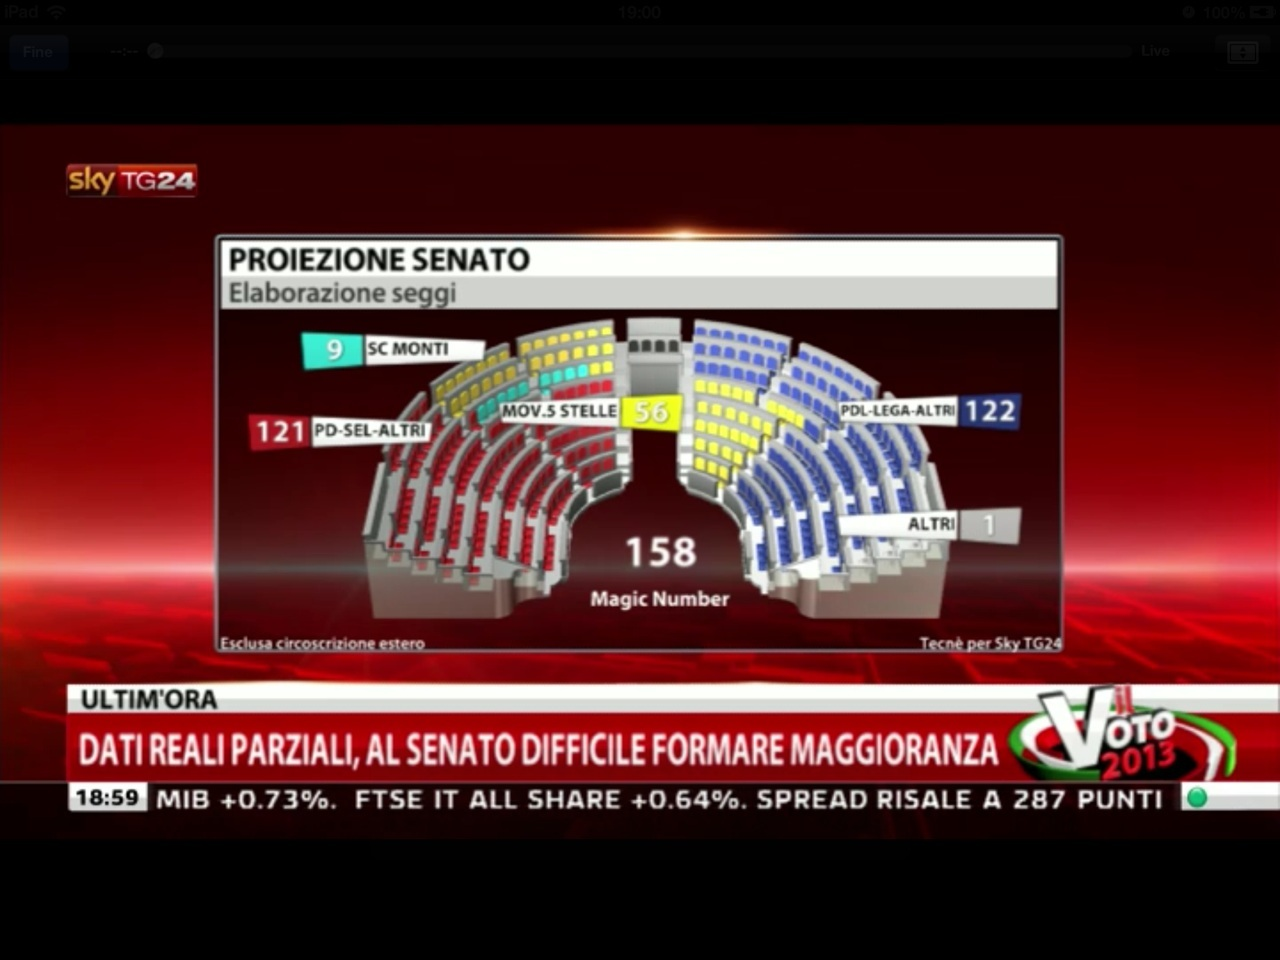 Elezioni 2013 risultati dati e commenti for Composizione del senato